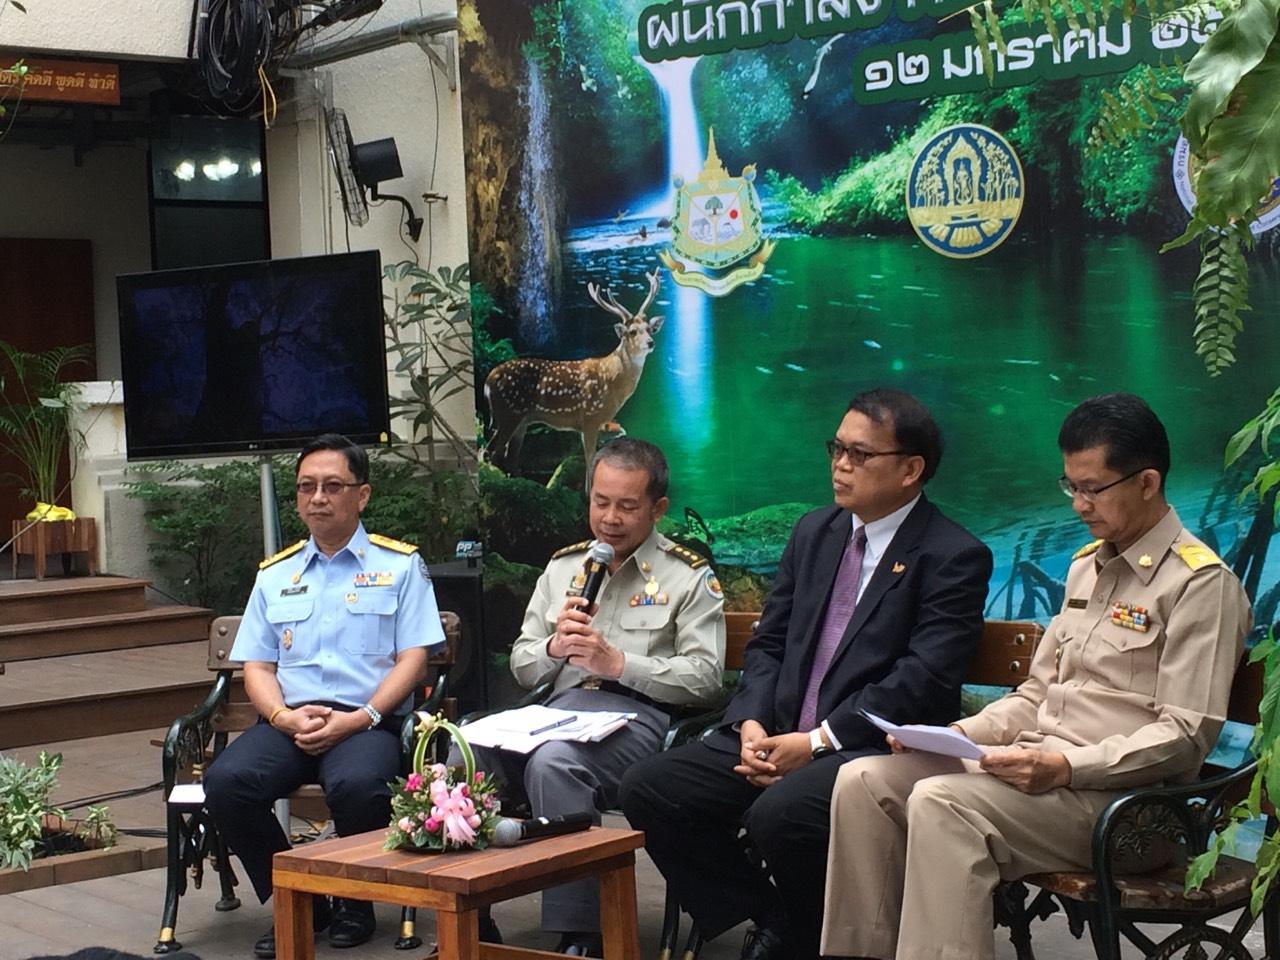 แถลงข่าว 3 หน่วยงานของ ทส. เตรียมความพร้อมจัดงานวันอนุรักษ์ทรัพยากรป่าไม้ของชาติ ประจำปี 2558